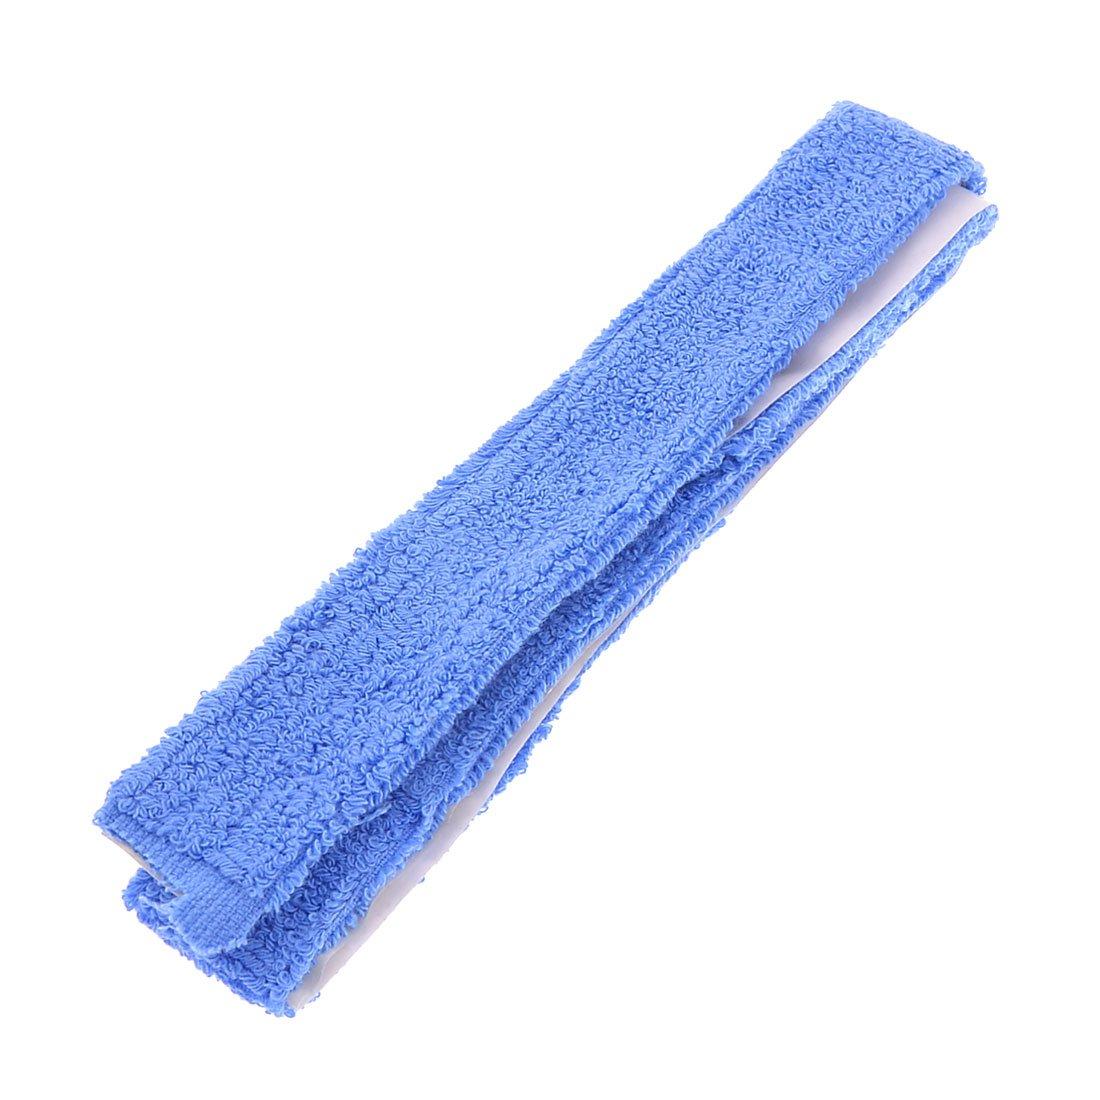 Azul Autoadhesivo Tenis Raqueta De Bádminton Grip De Toalla 75cm 74.9cm